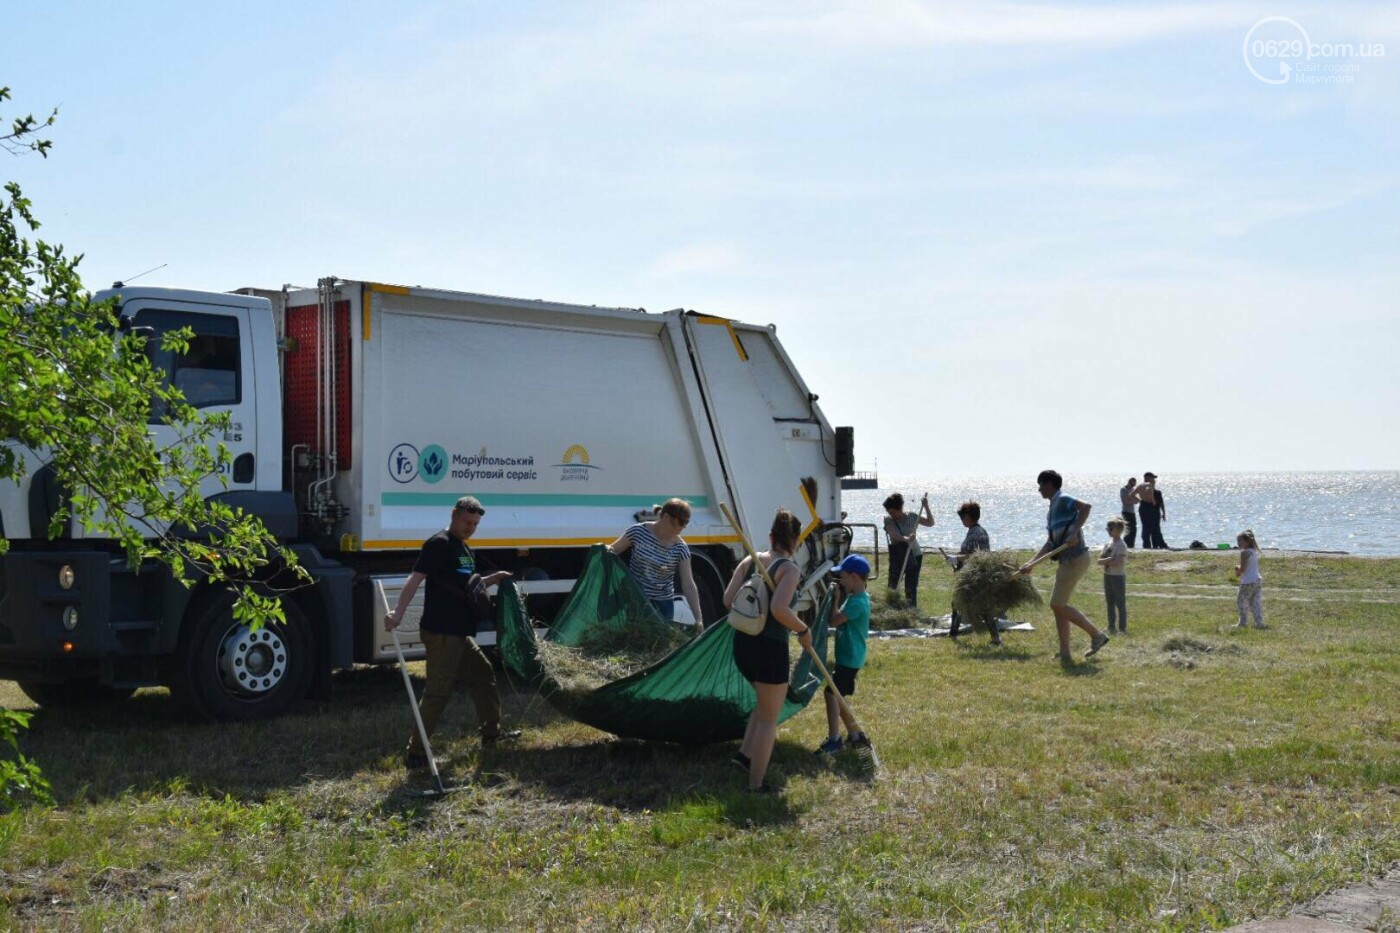 Мариупольцы устроили толоку возле моря, - ФОТО, ВИДЕО, фото-4